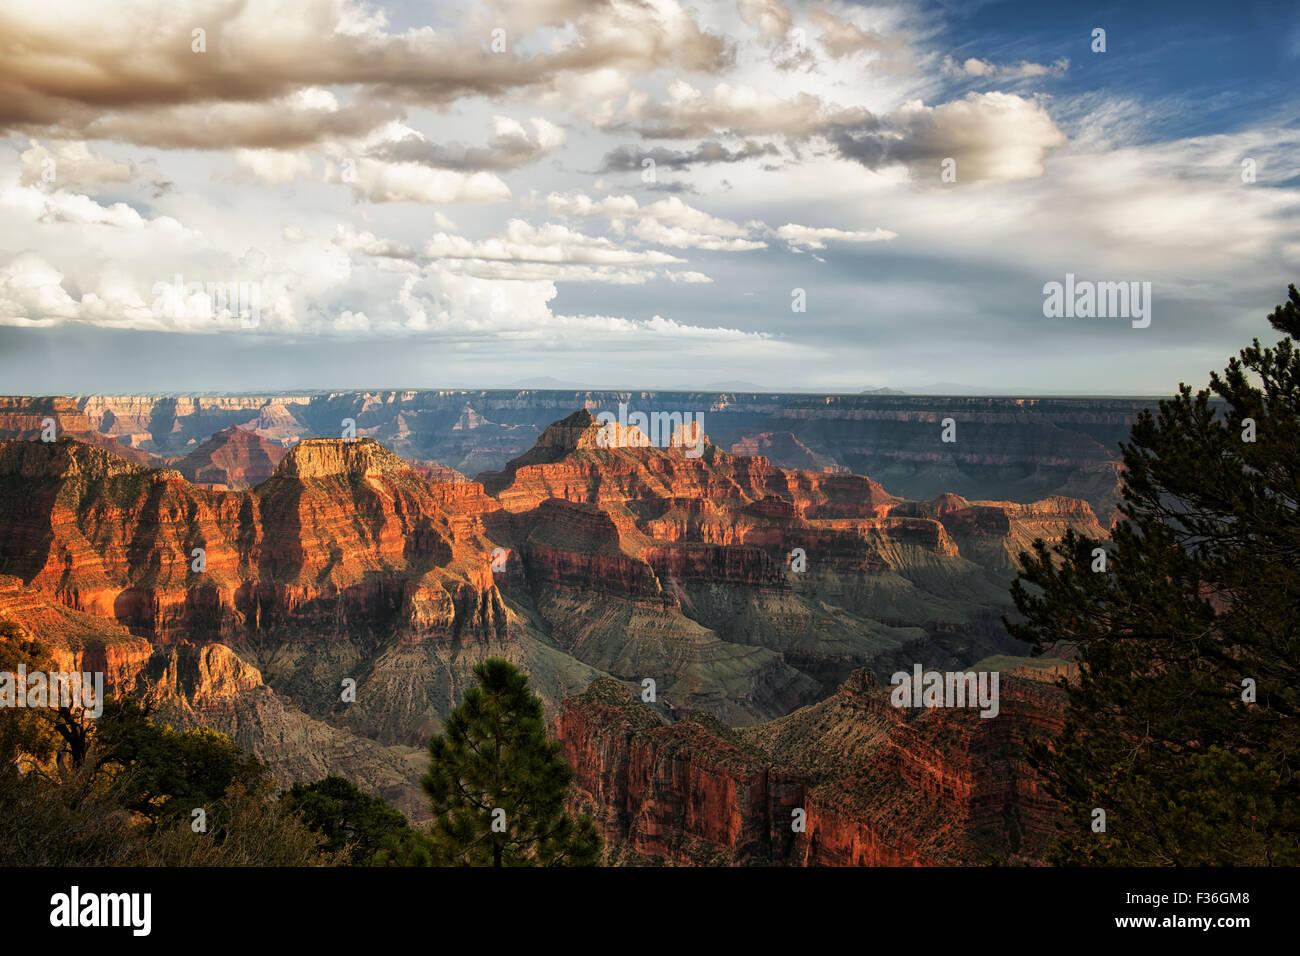 Serata estiva aria di tempesta oltre i tre templi e North Rim Arizona Grand Canyon National Park. Immagini Stock